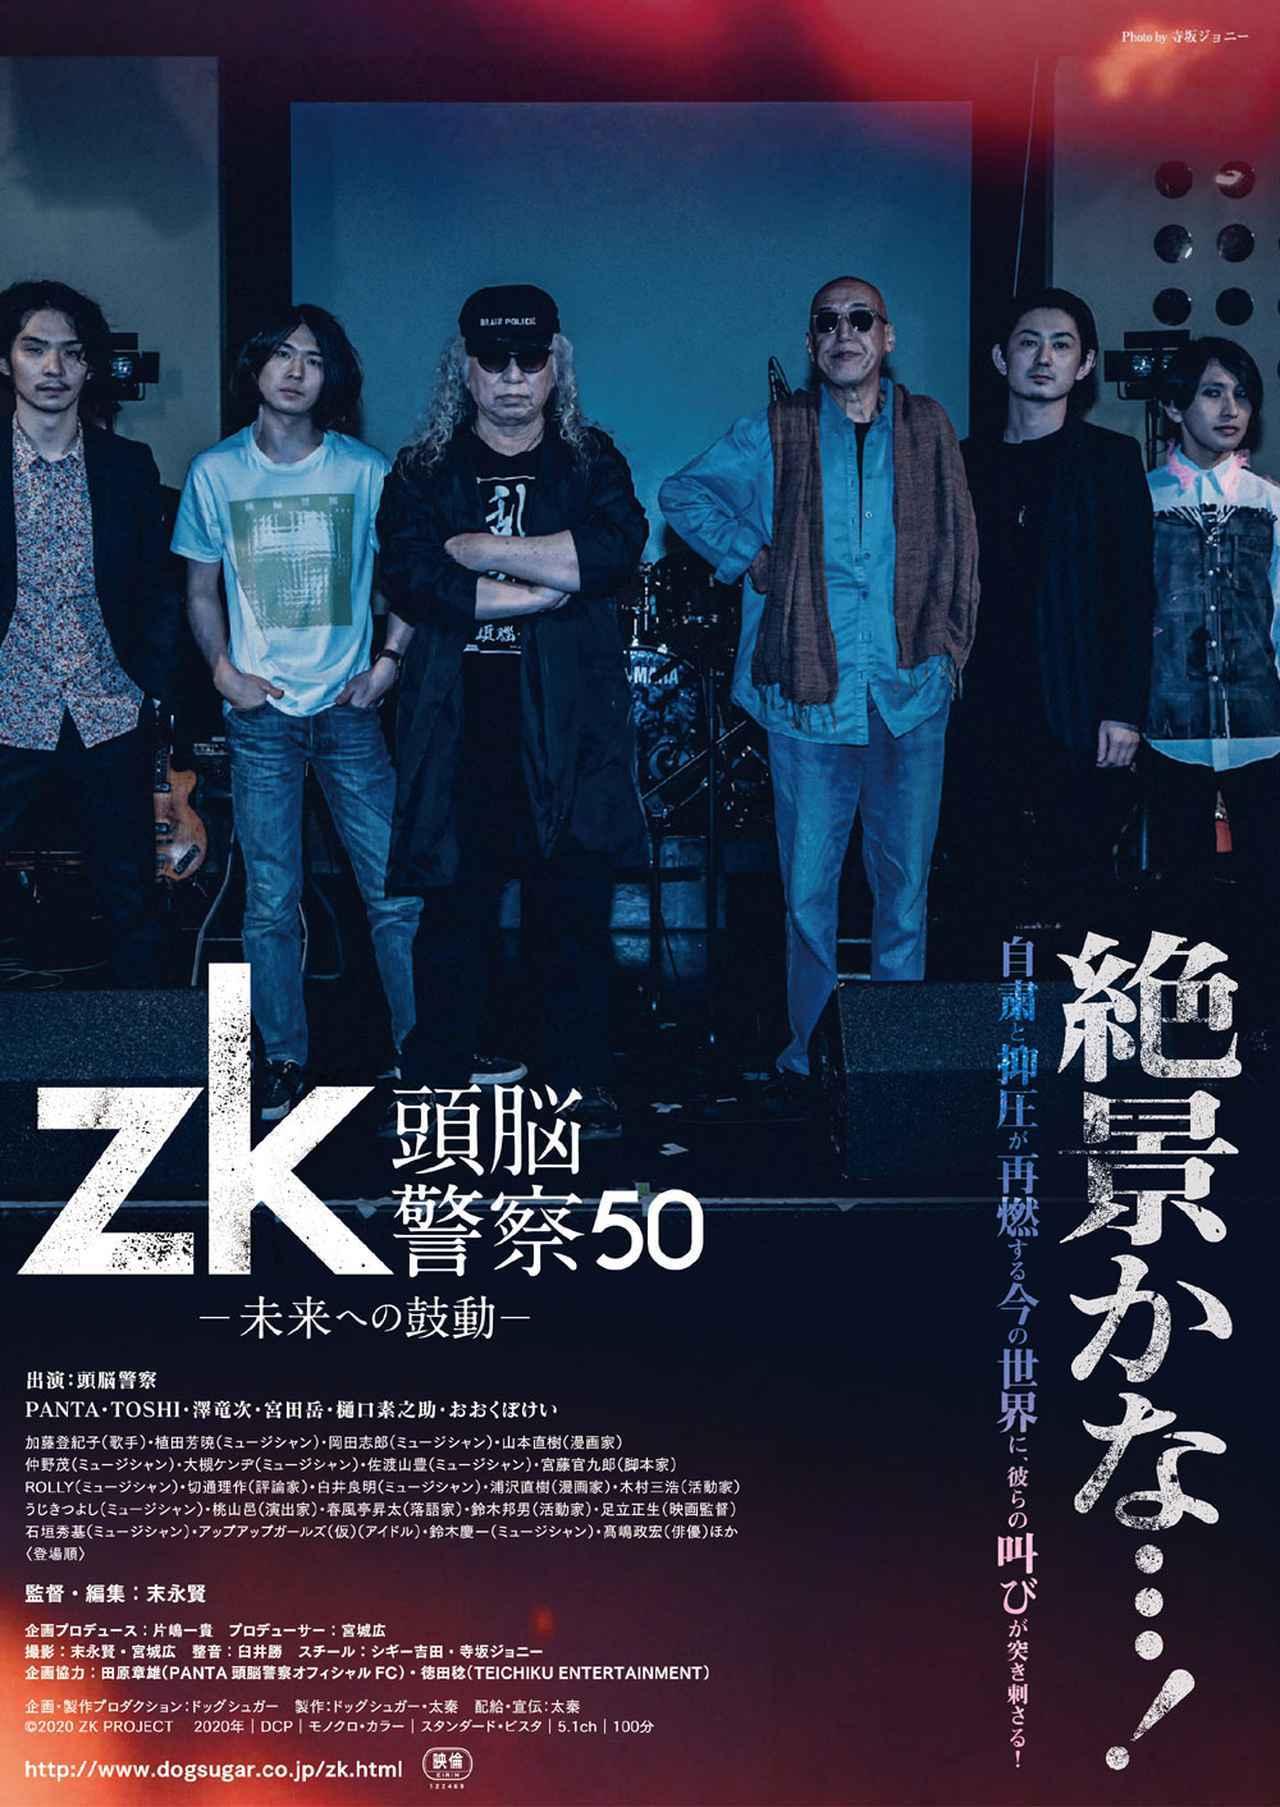 画像3: 【コレミヨ映画館vol.44】 『zk/頭脳警察50 未来への鼓動』より自由に。いまを楽しめ! 結成50周年を迎えた伝説のバンド、頭脳警察のドキュメンタリー映画